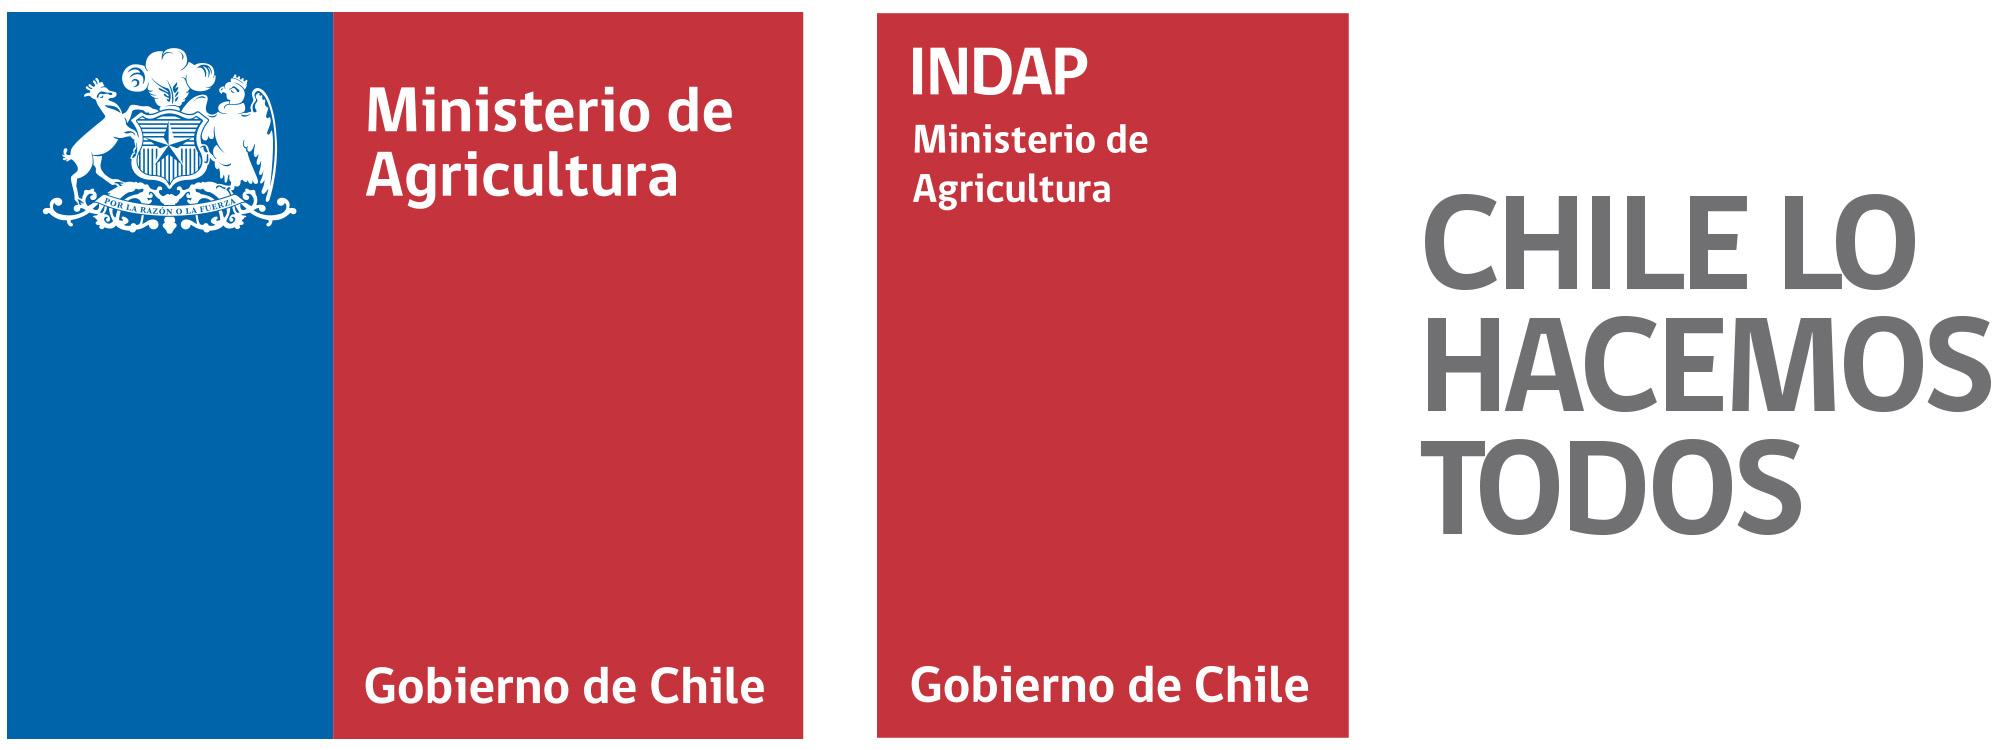 INDAP